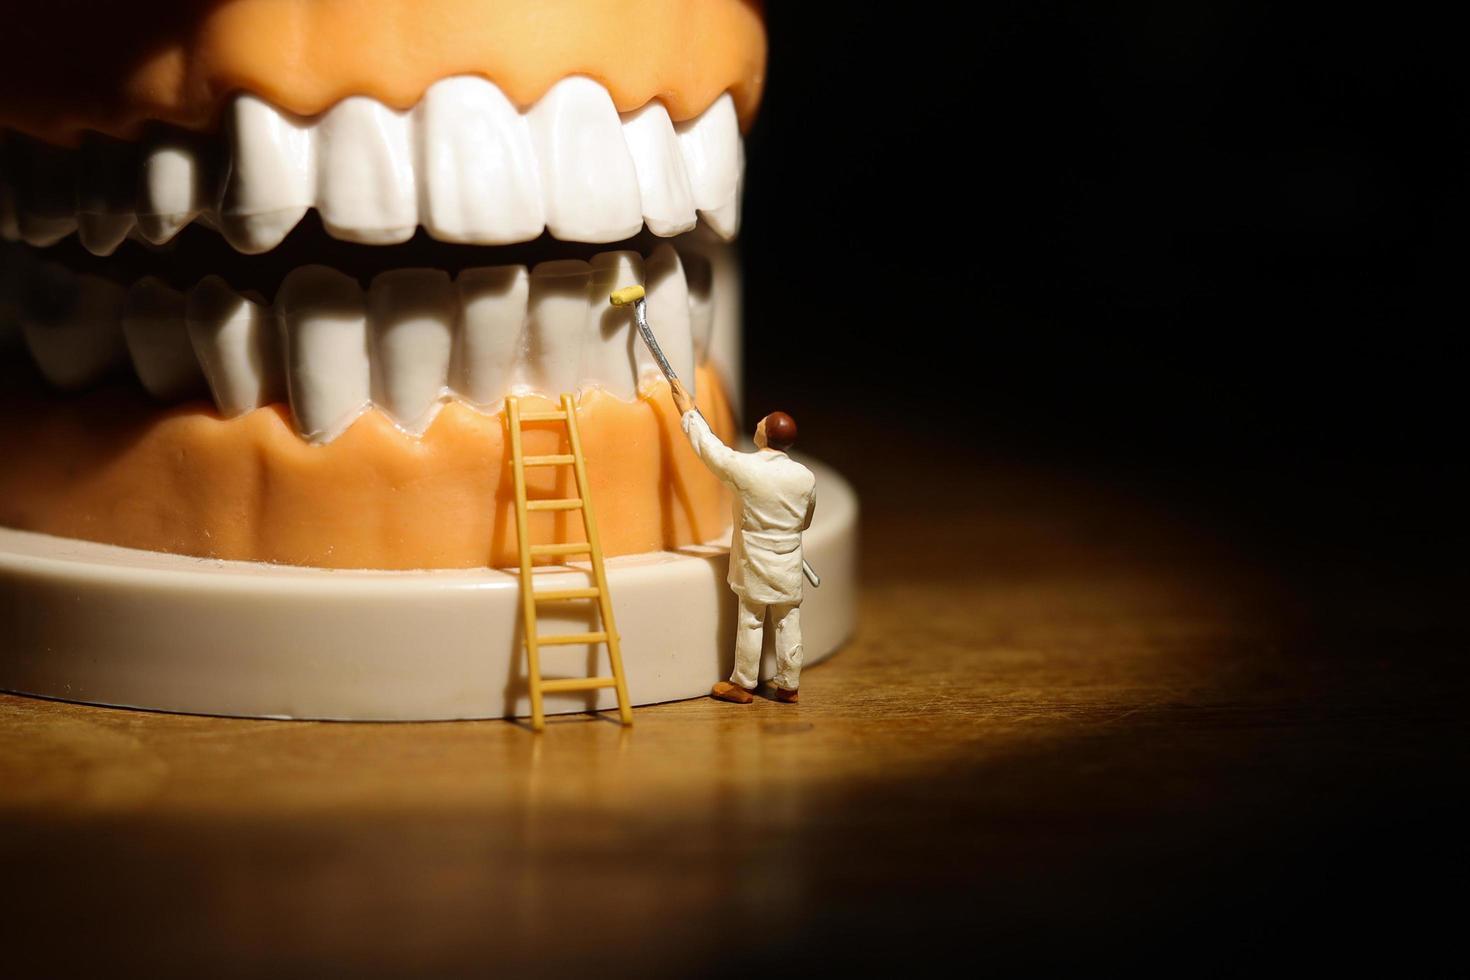 denti da uomo in miniatura bianchi foto